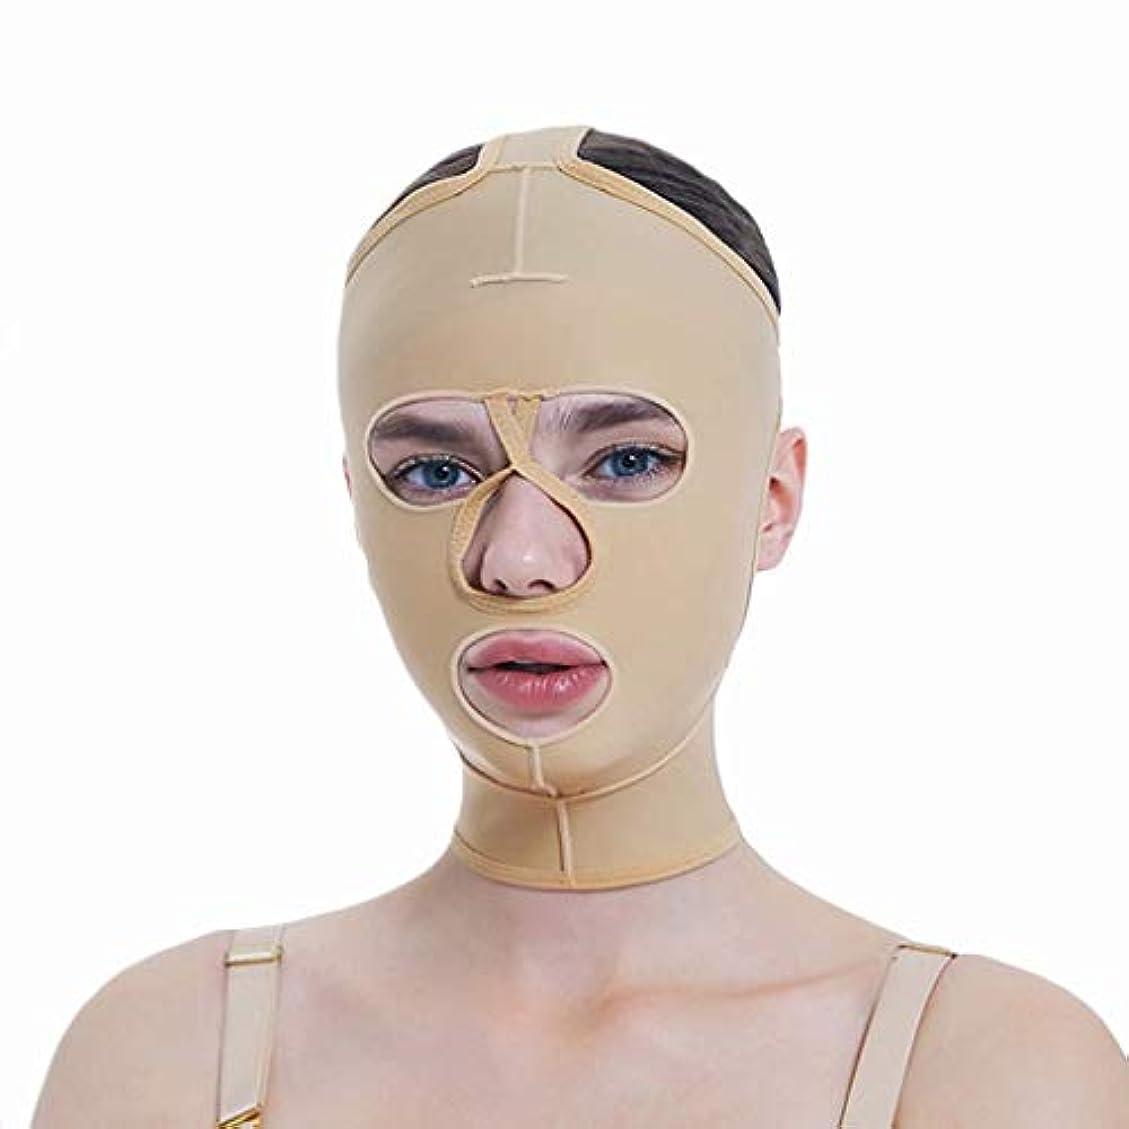 腐食する脇にマイクフェイシャル減量マスク、フルカバレッジ包帯、フルフェイスリフティングマスク、フェイスマスク、快適で リフティングシェーピング(サイズ:S),XS